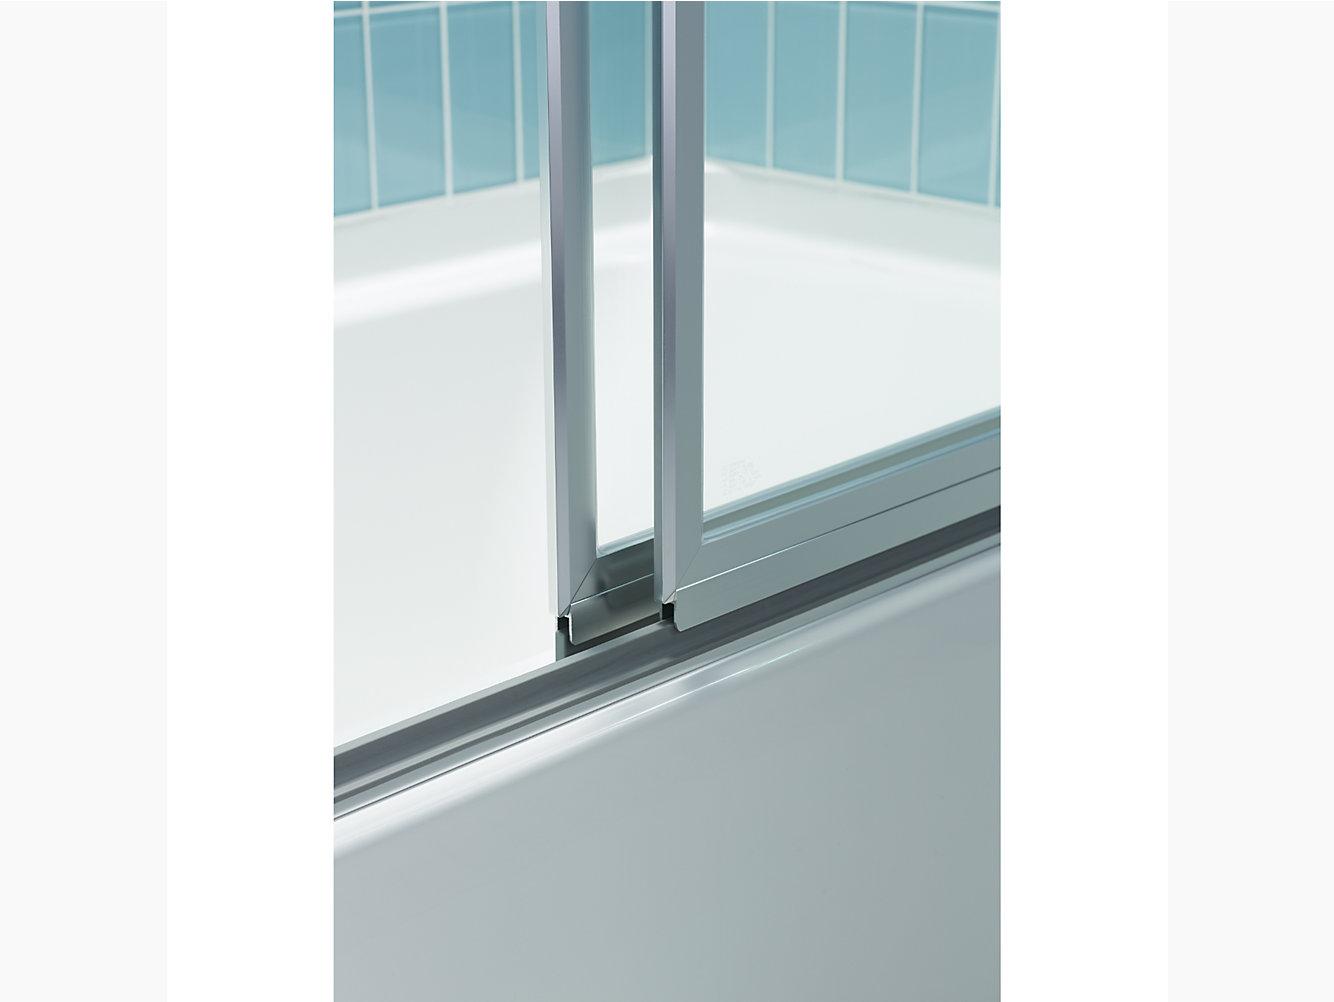 Prevail Framed Sliding Shower Door 43-7/8\